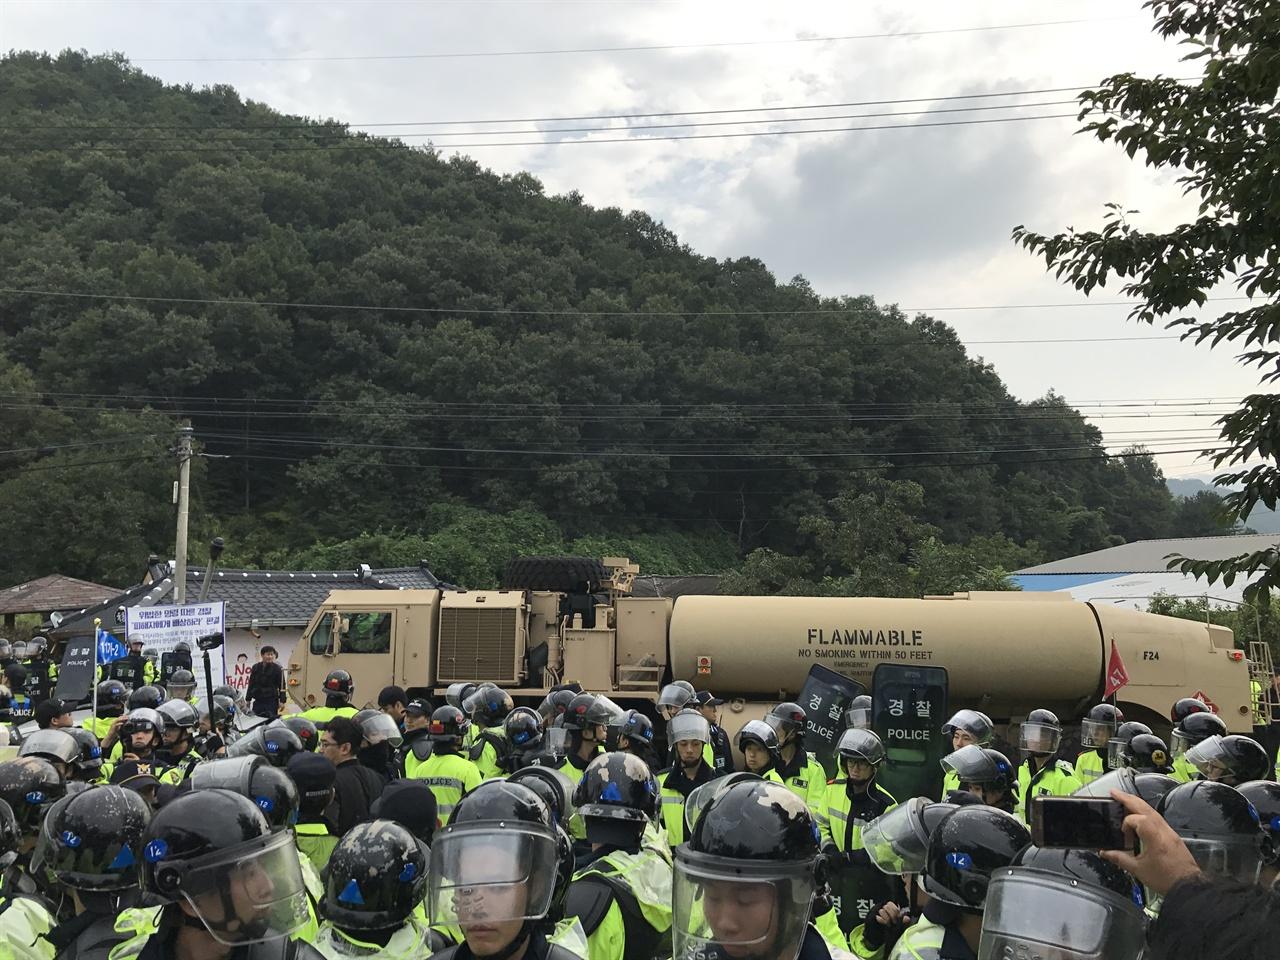 2017년 9월 7일 문재인 정부의 사드 추가 배치 당시 성주 소성리 상황